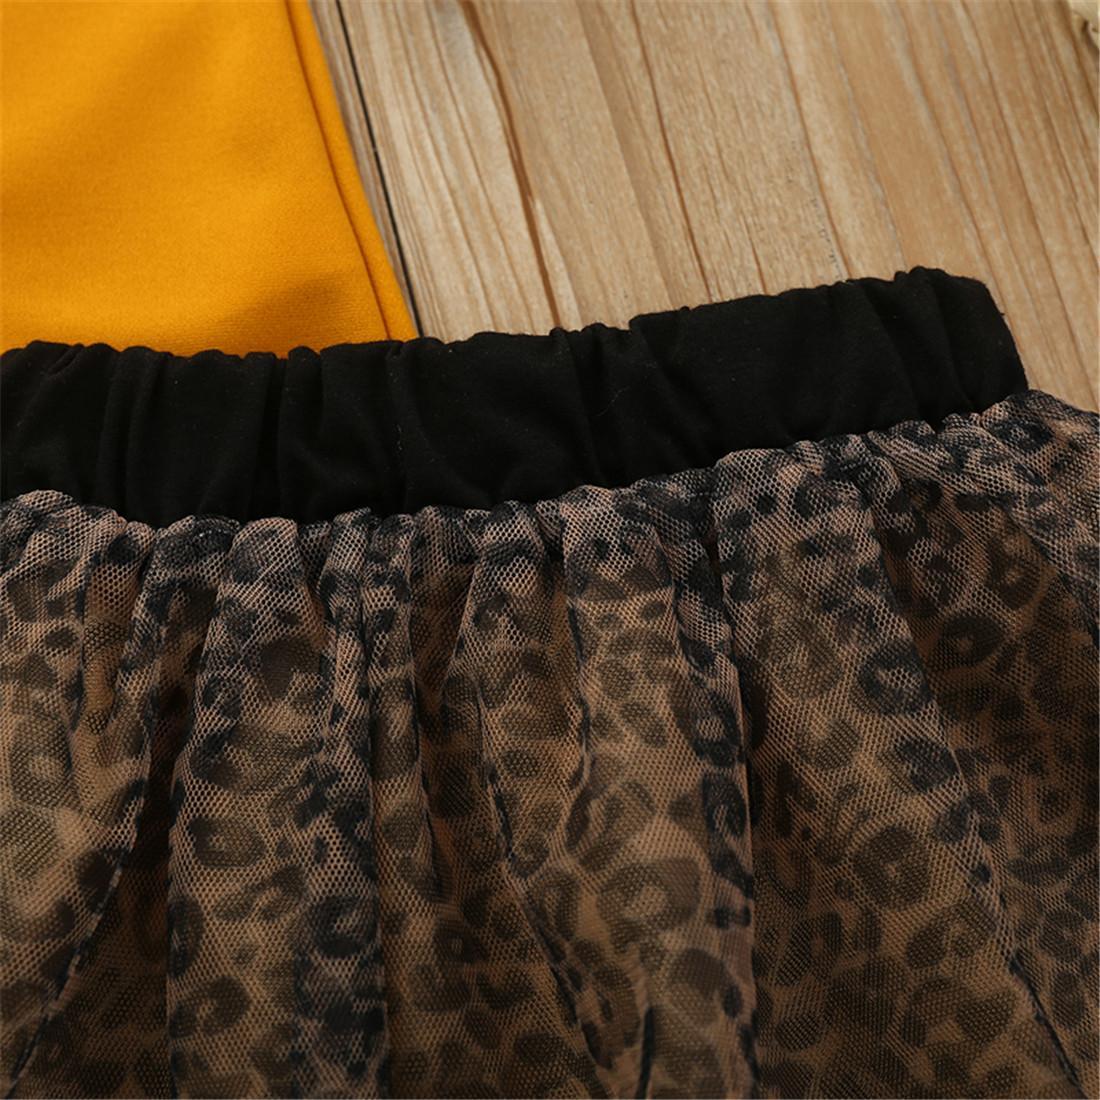 بلايز الصيف 1-5years المادة بنات الطفل كيد الملابس أصفر قصير كم ليوبارد طباعة توتو تنورة الزي مجموعة